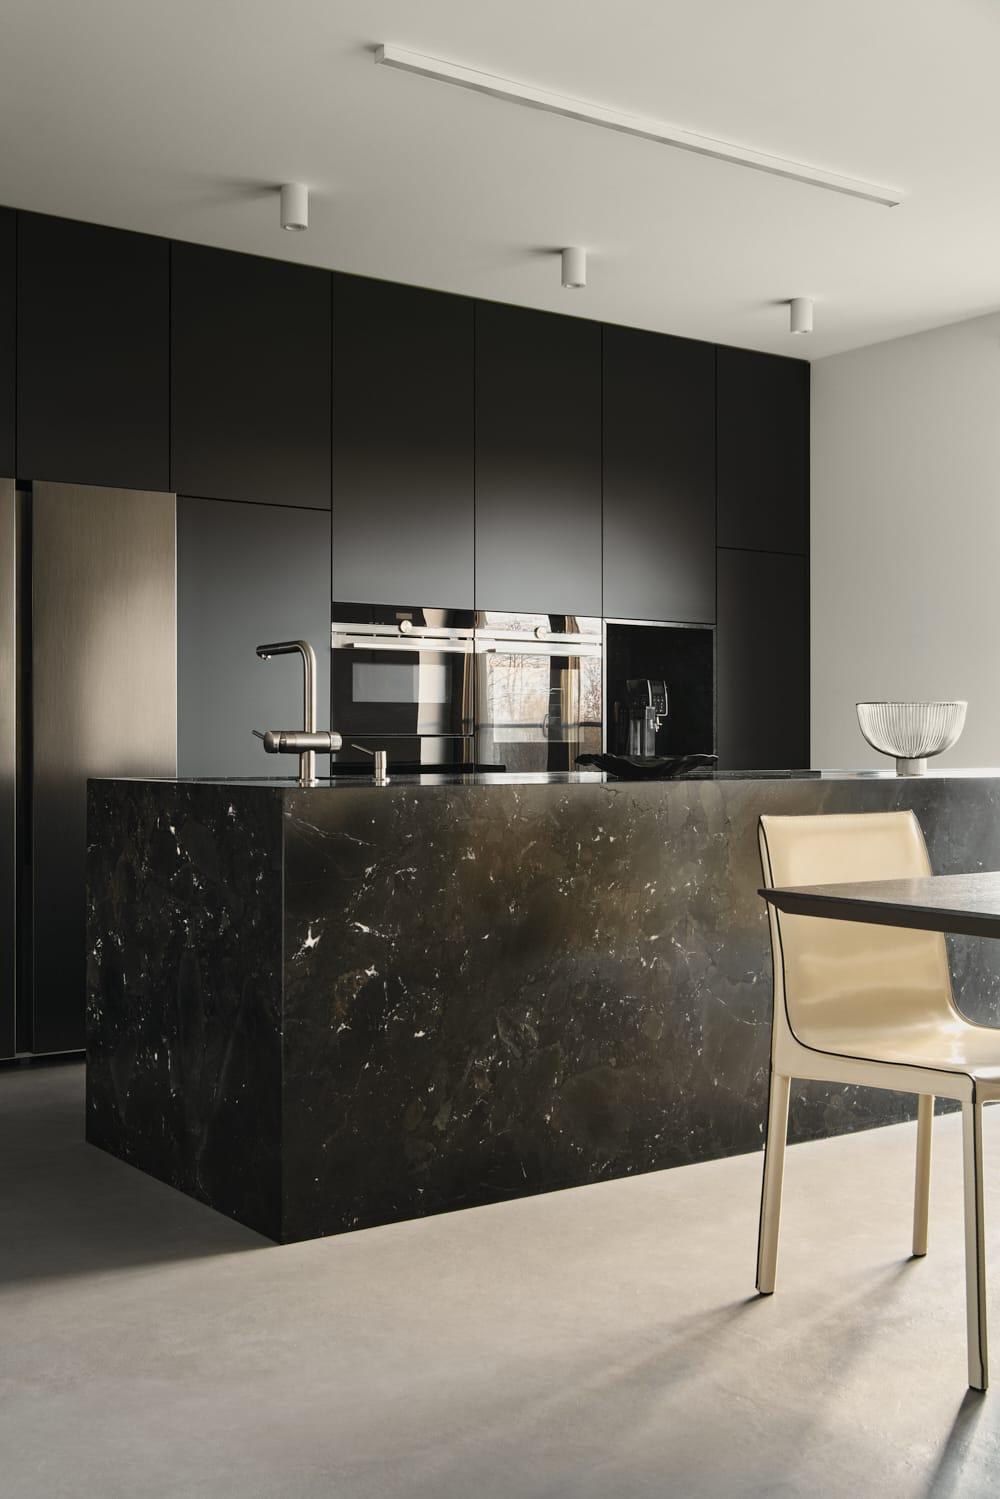 yarmush-interiors-pia-201120145006-14442